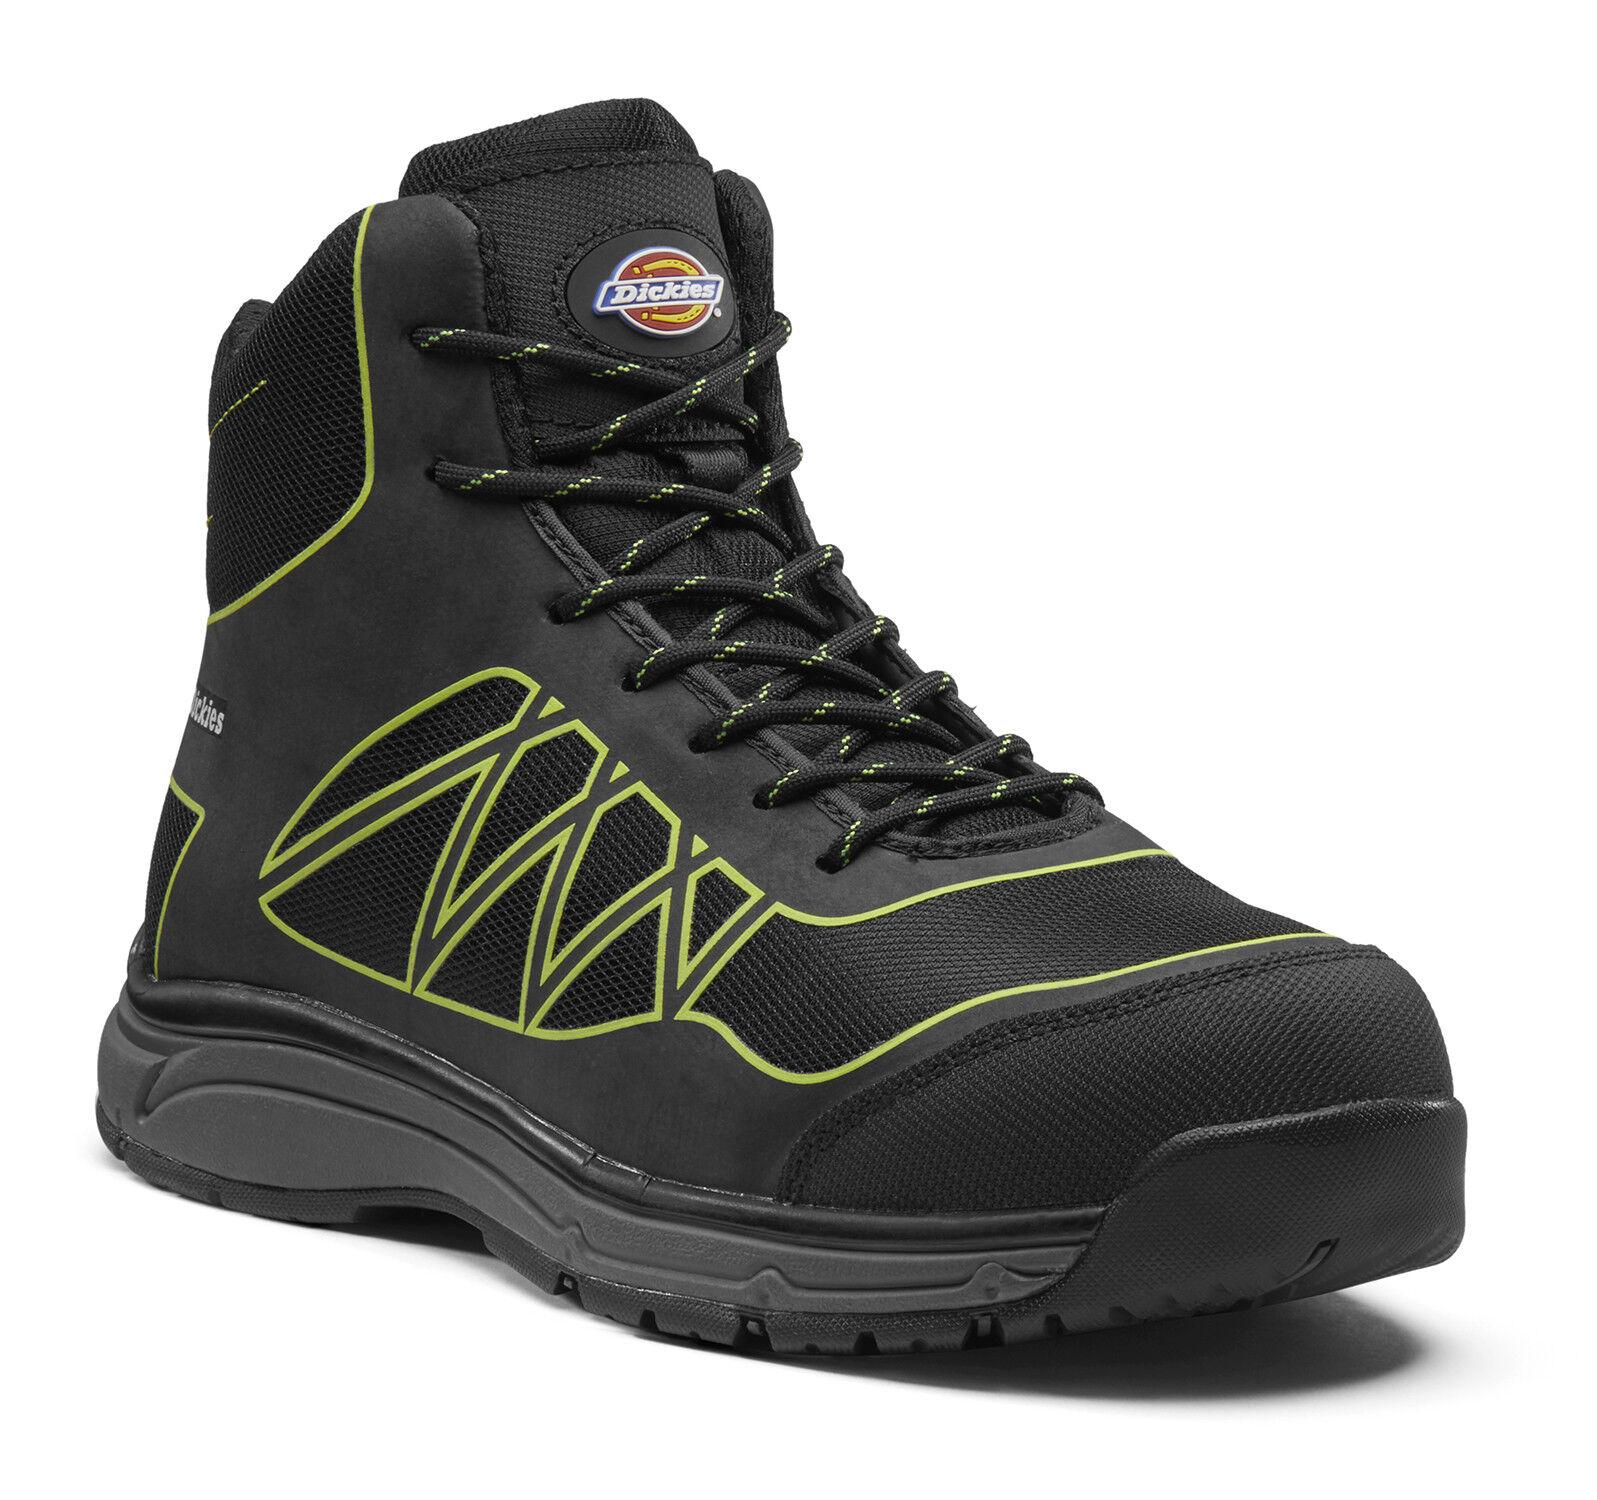 Dickies Phoenix Seguridad Botas De Trabajo Negro Negro Negro y cal (Tallas 6-14) Para Hombre Zapatos 28a4c9